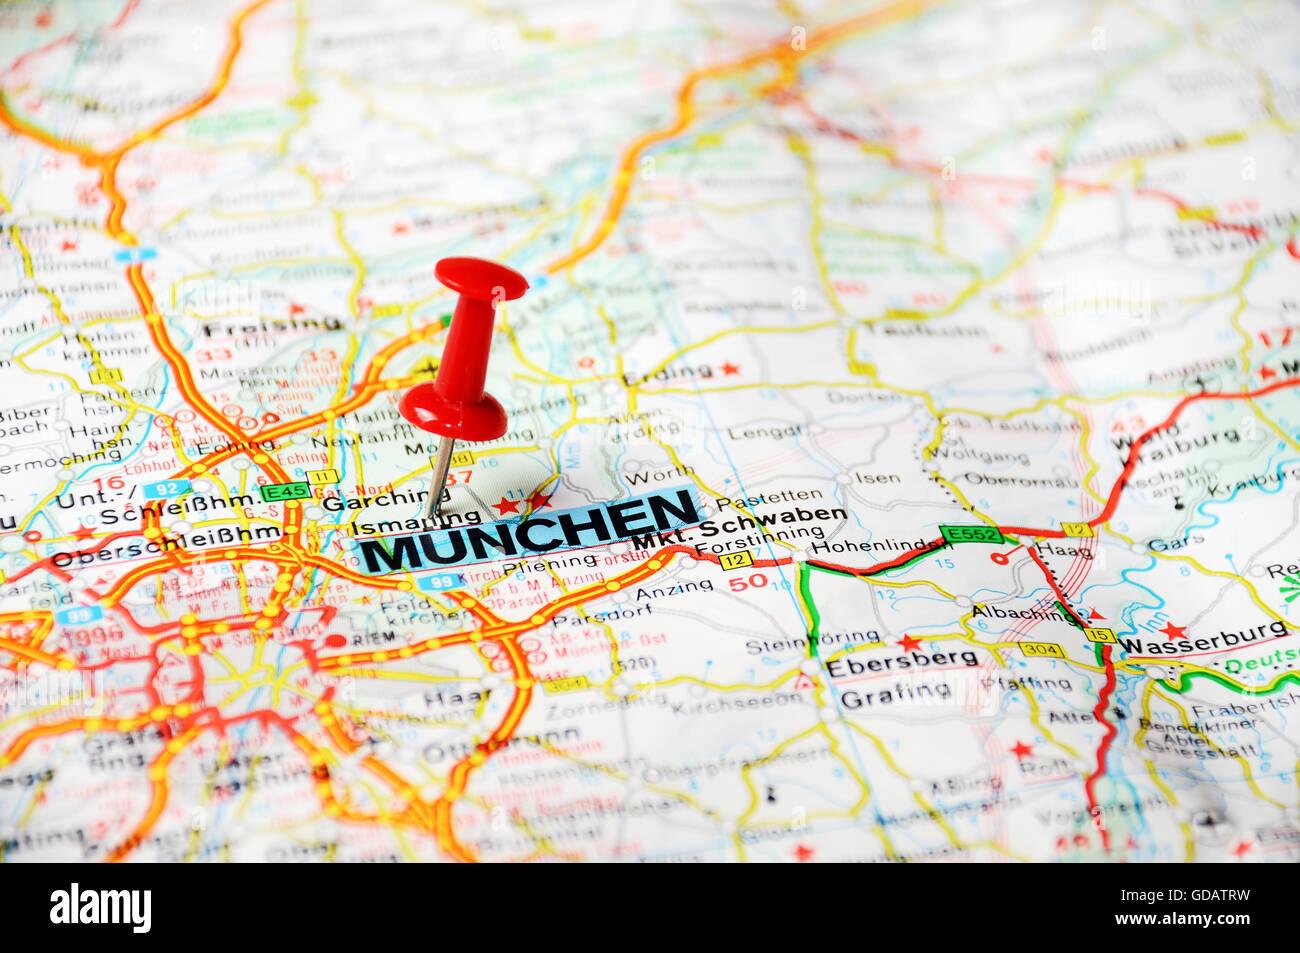 München Karte Deutschland.Nahaufnahme Von München Deutschland Karte Mit Roten Pin